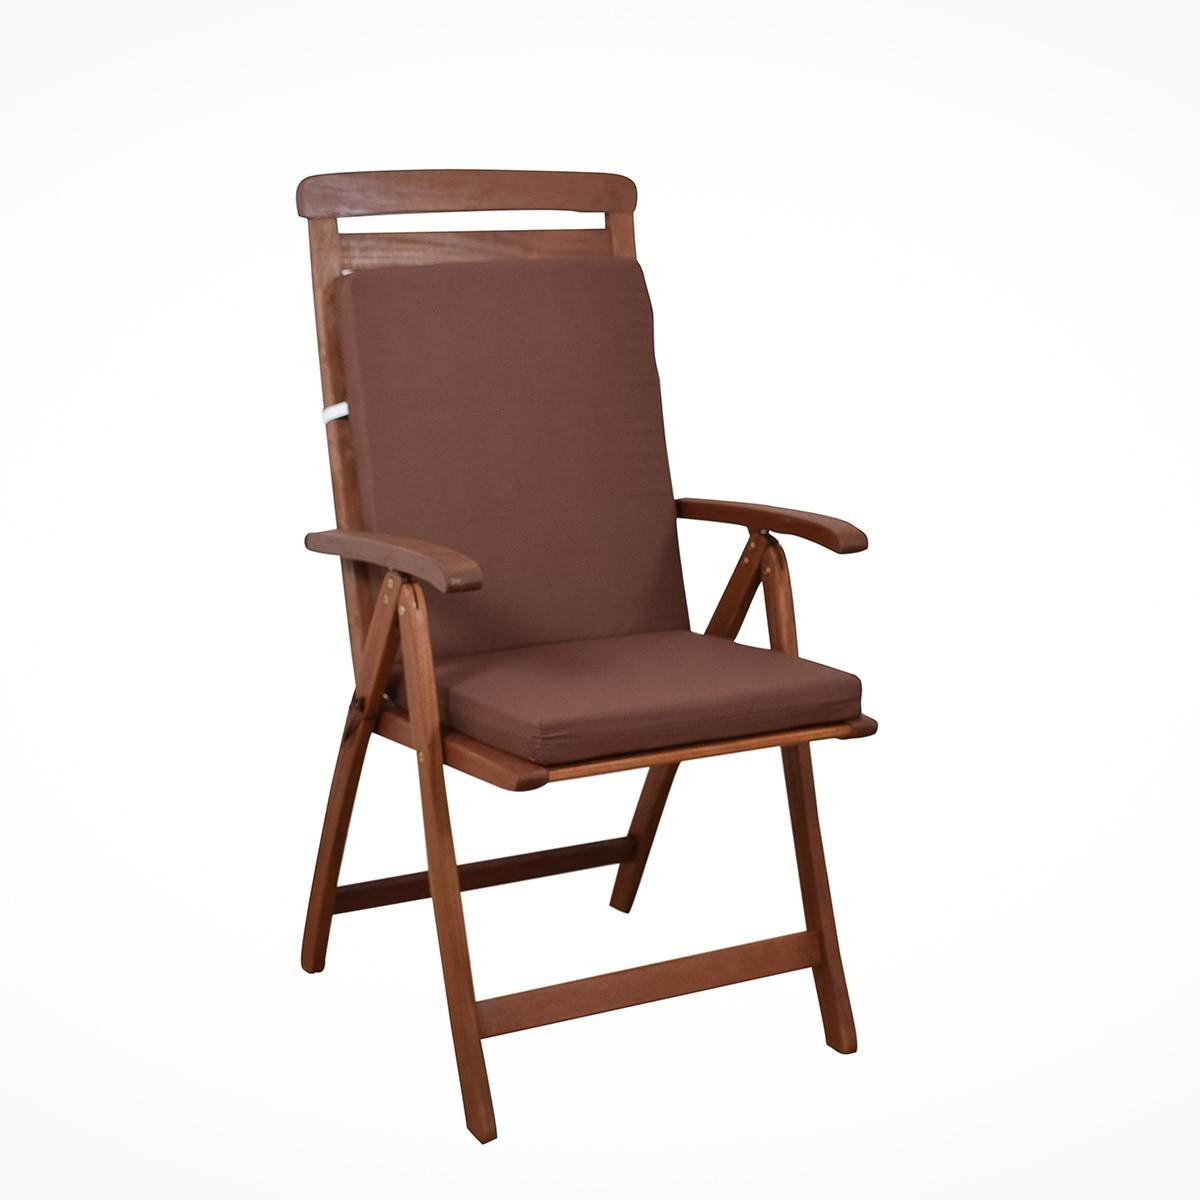 Μαξιλάρι Καρέκλας Πλάτη/Φερμουάρ Fratoni Solid Brown